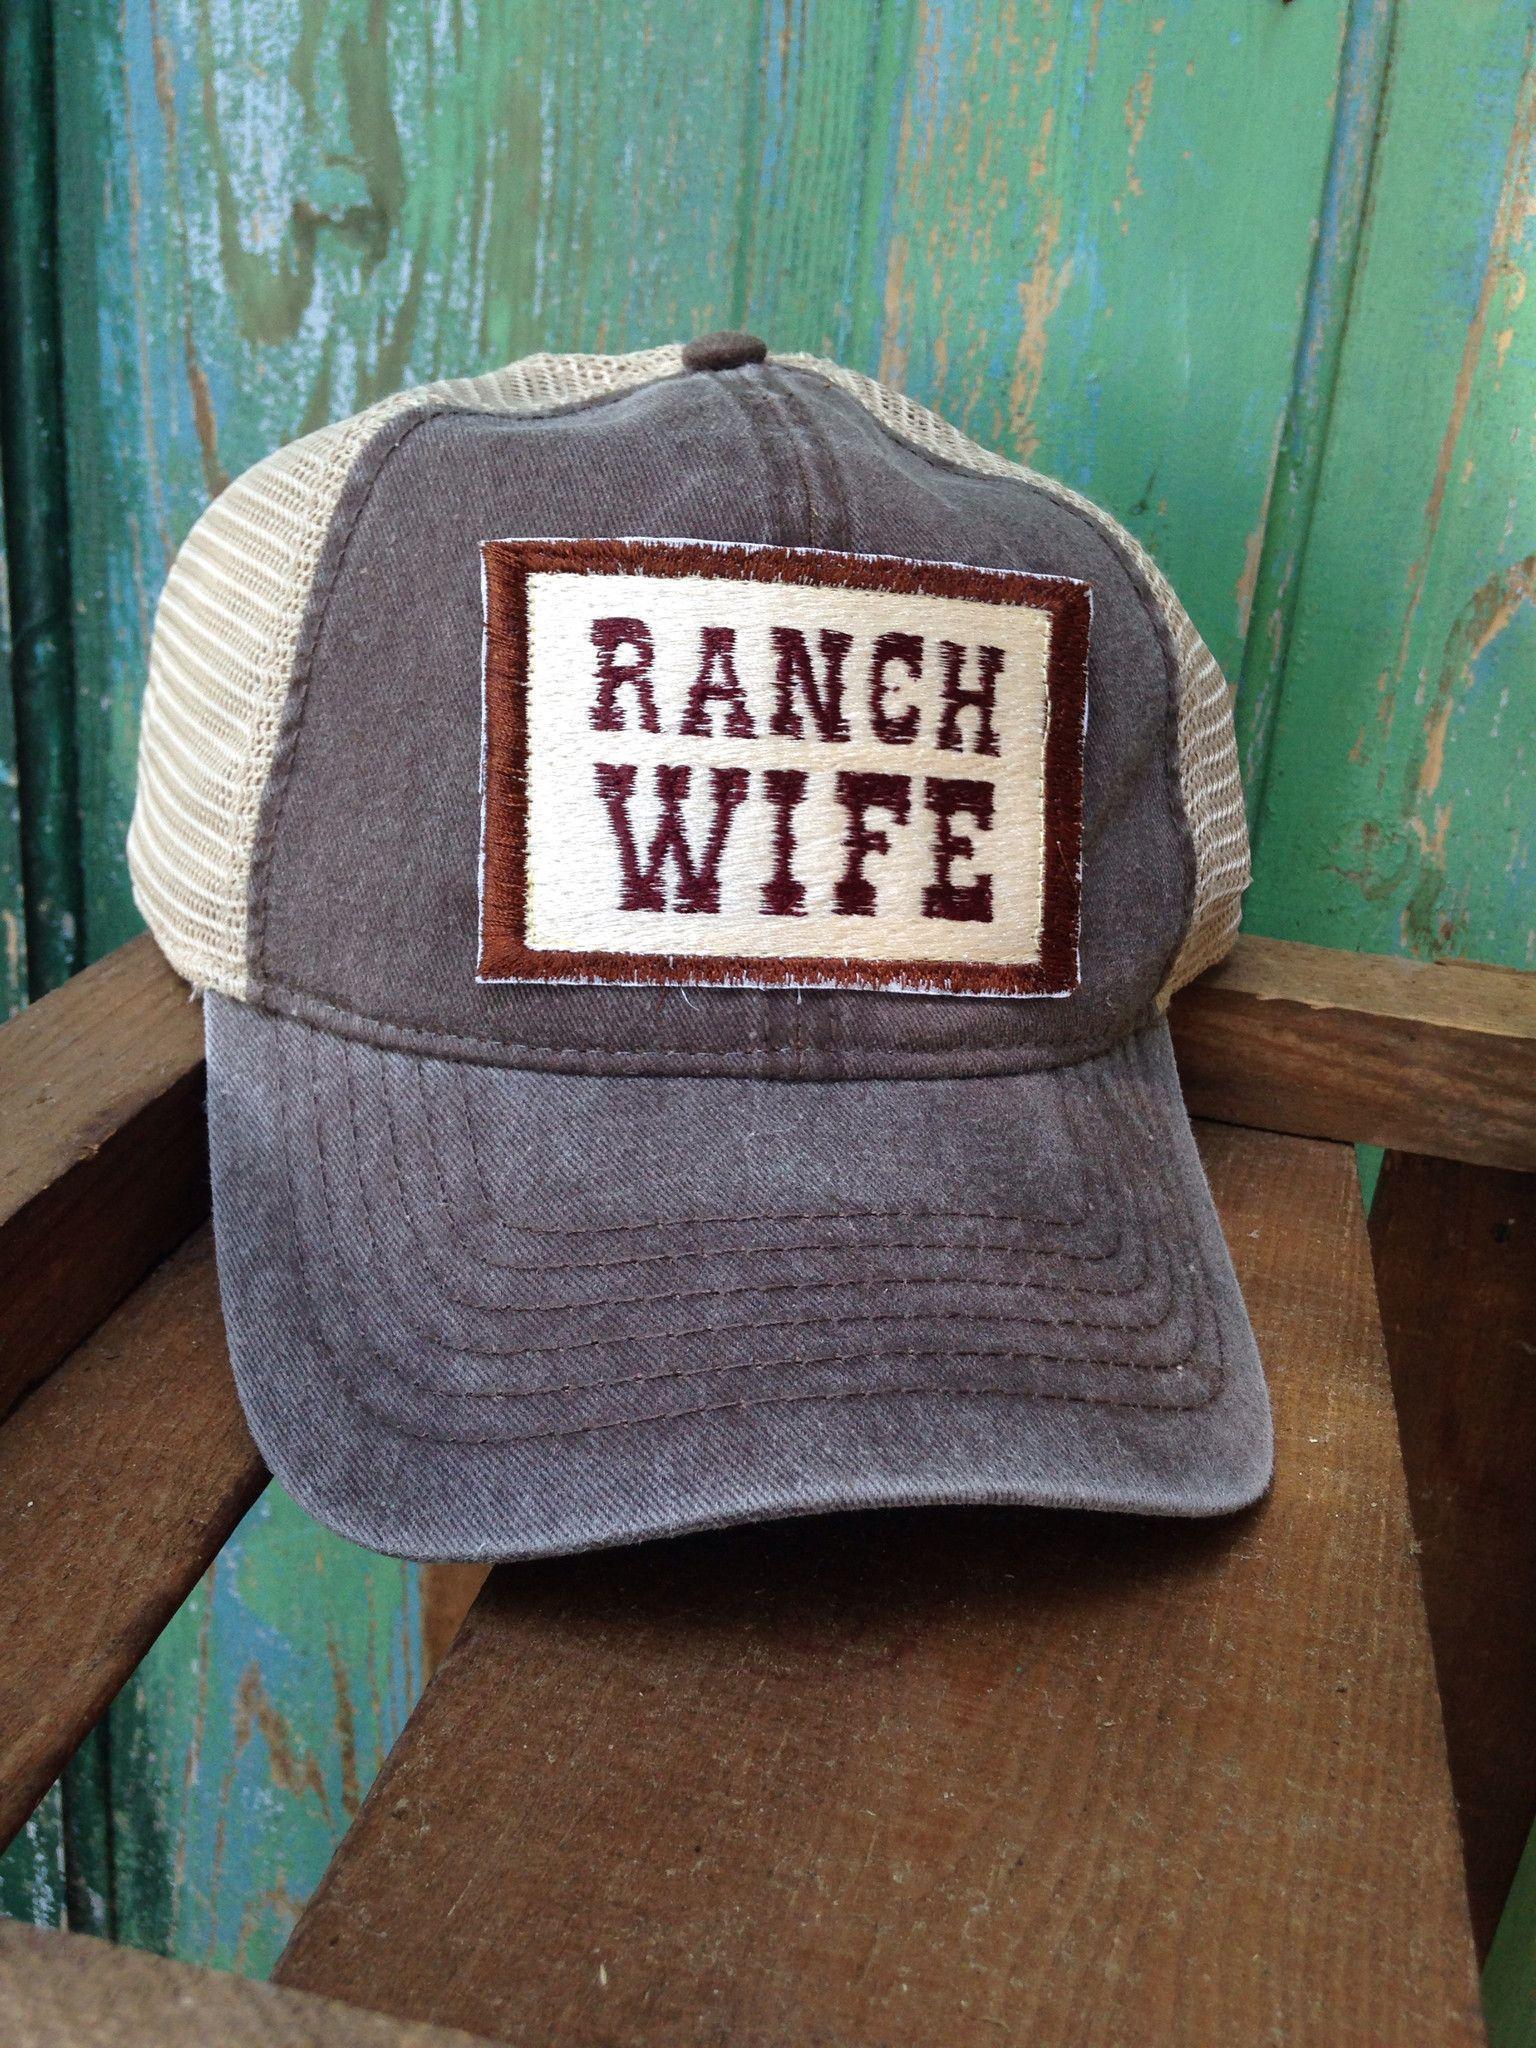 7b2fd7e8916 XYZ-Ranch Wife Worn Brown Trucker Hat